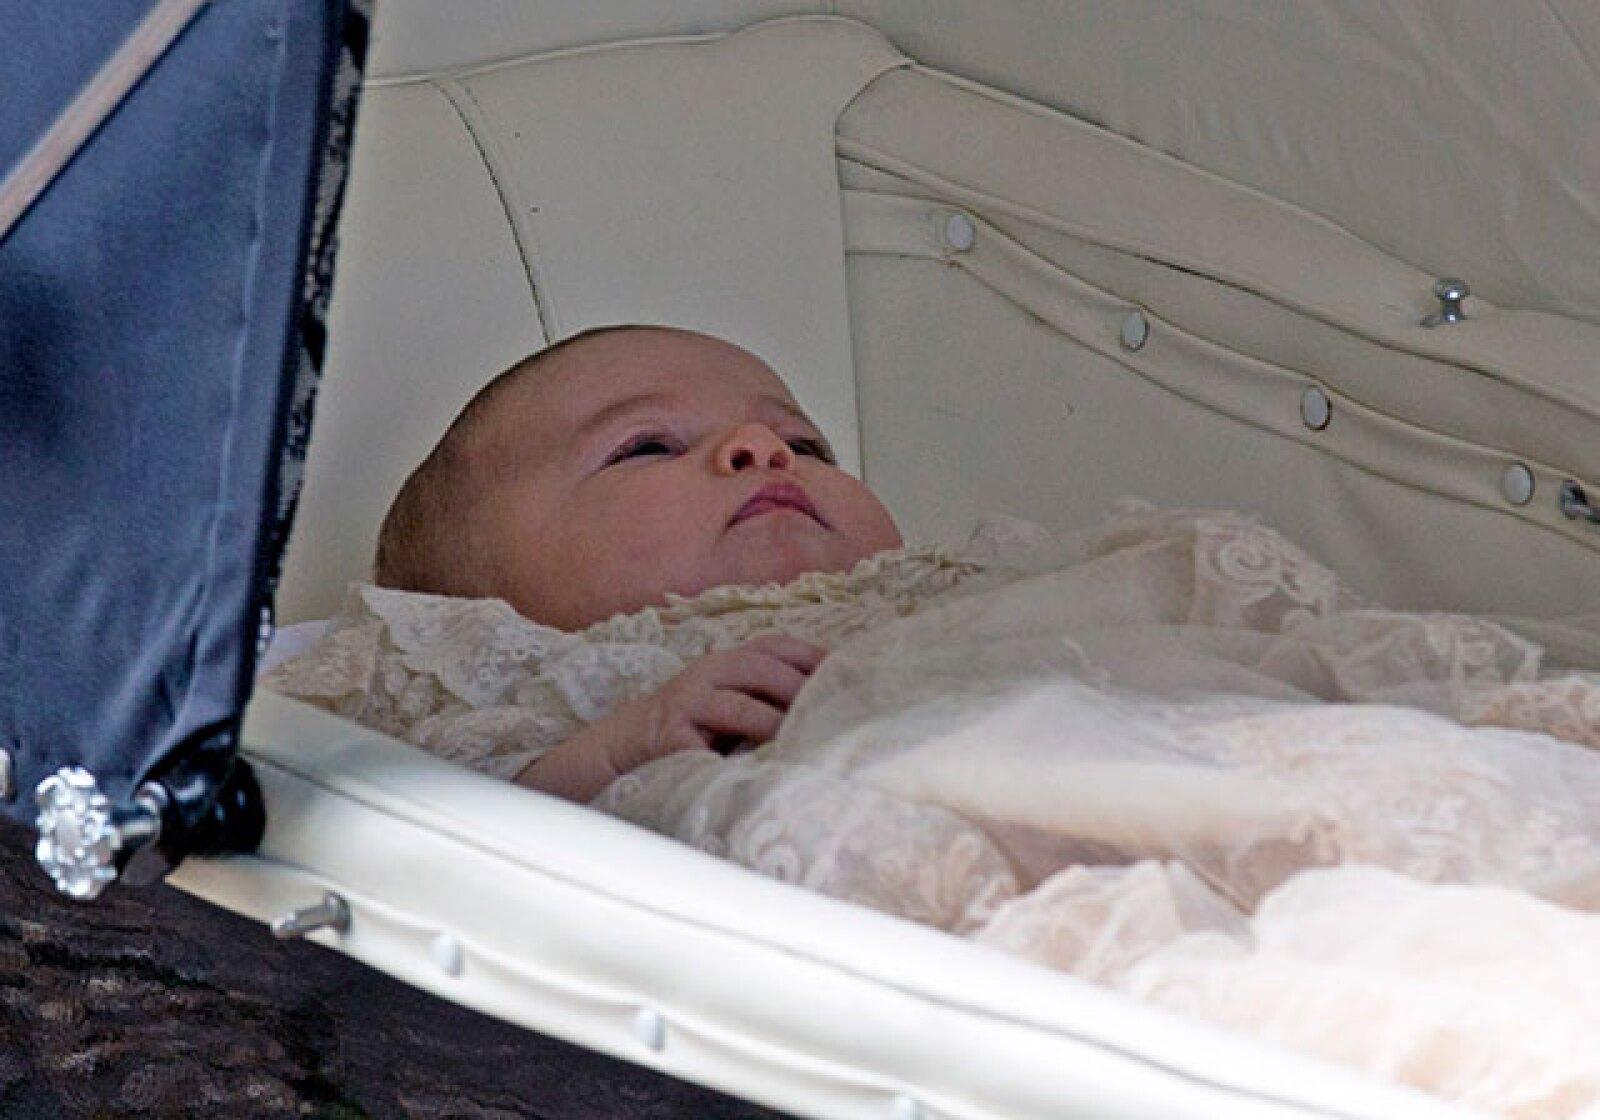 La princesa Charlotte fue llevada en una carreola hasta la iglesia.